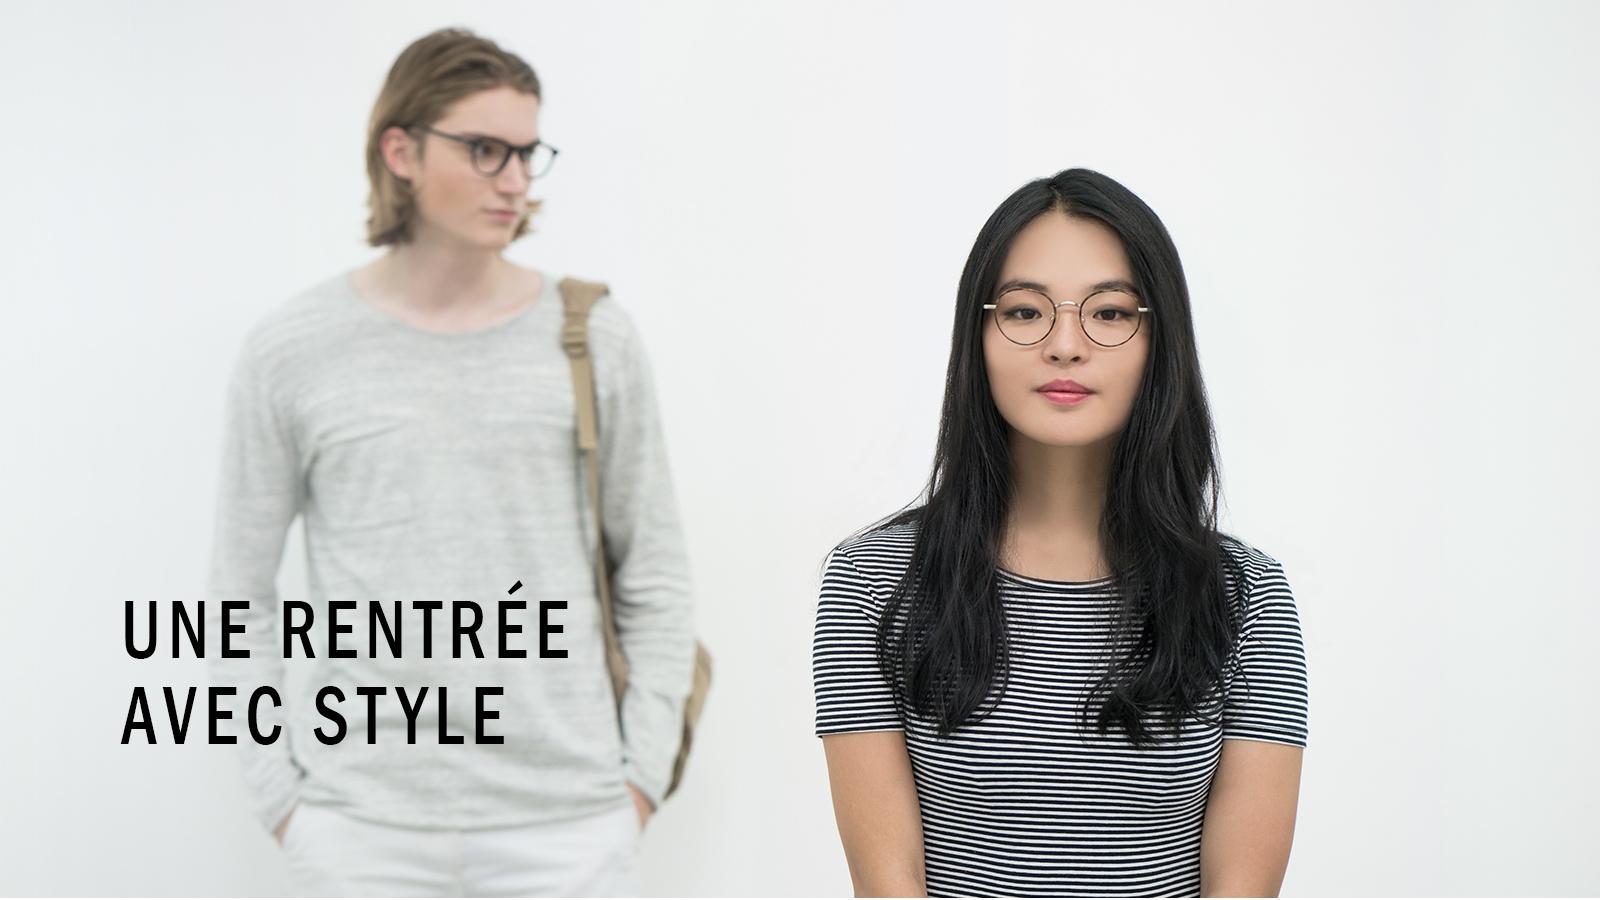 Une rentrée avec style